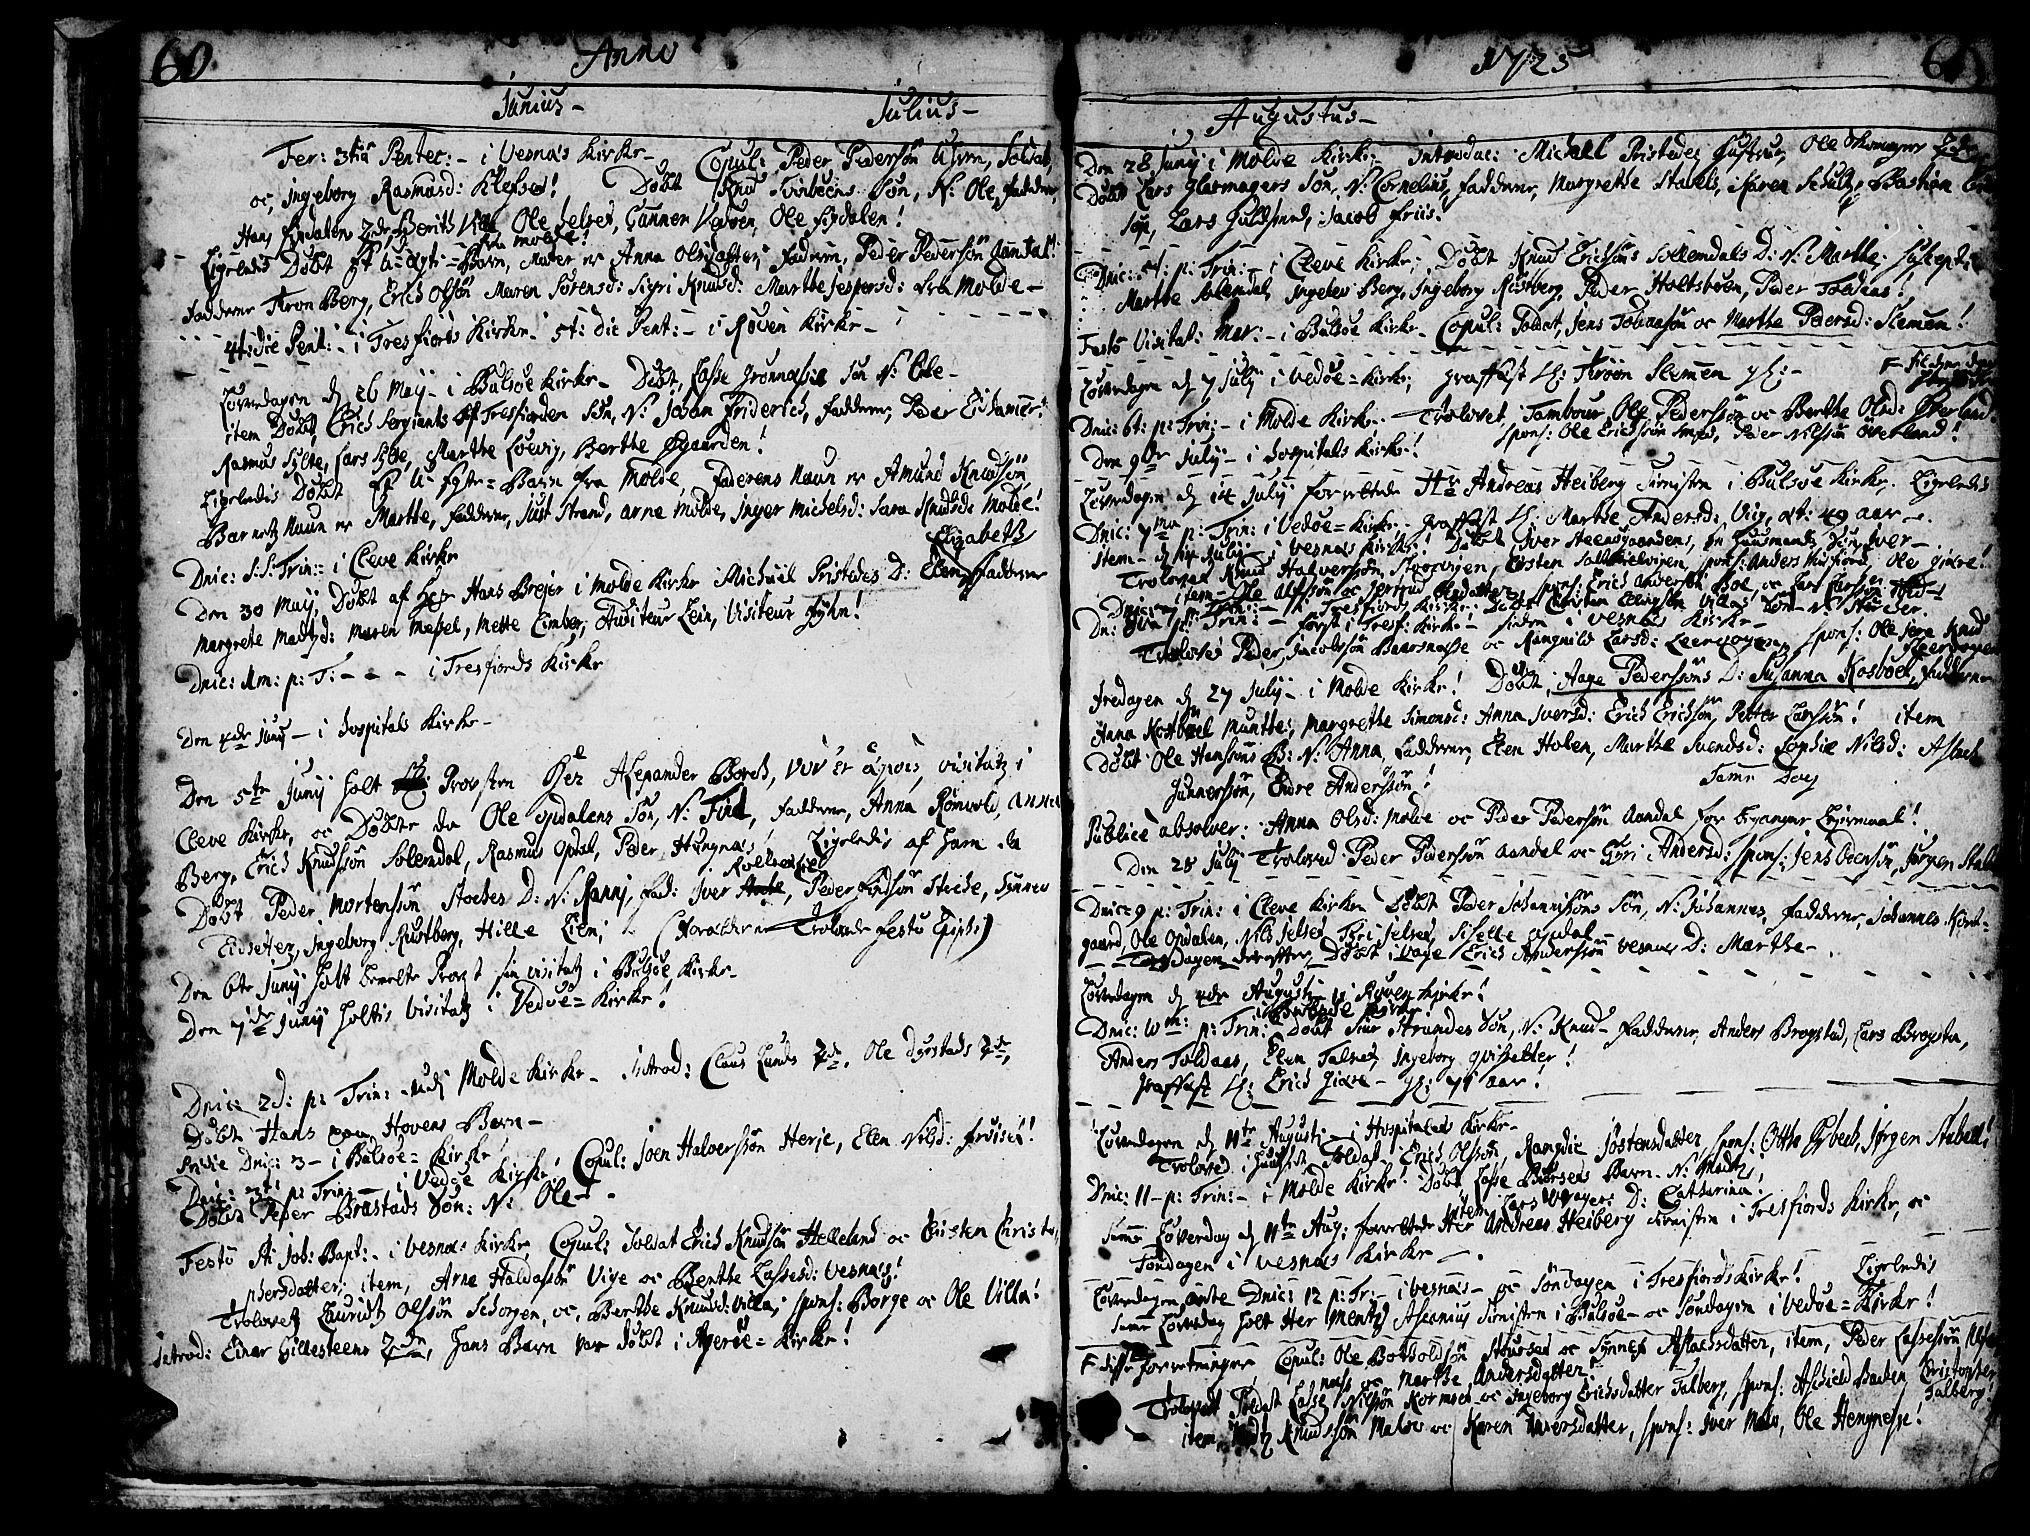 SAT, Ministerialprotokoller, klokkerbøker og fødselsregistre - Møre og Romsdal, 547/L0599: Parish register (official) no. 547A01, 1721-1764, p. 62-63